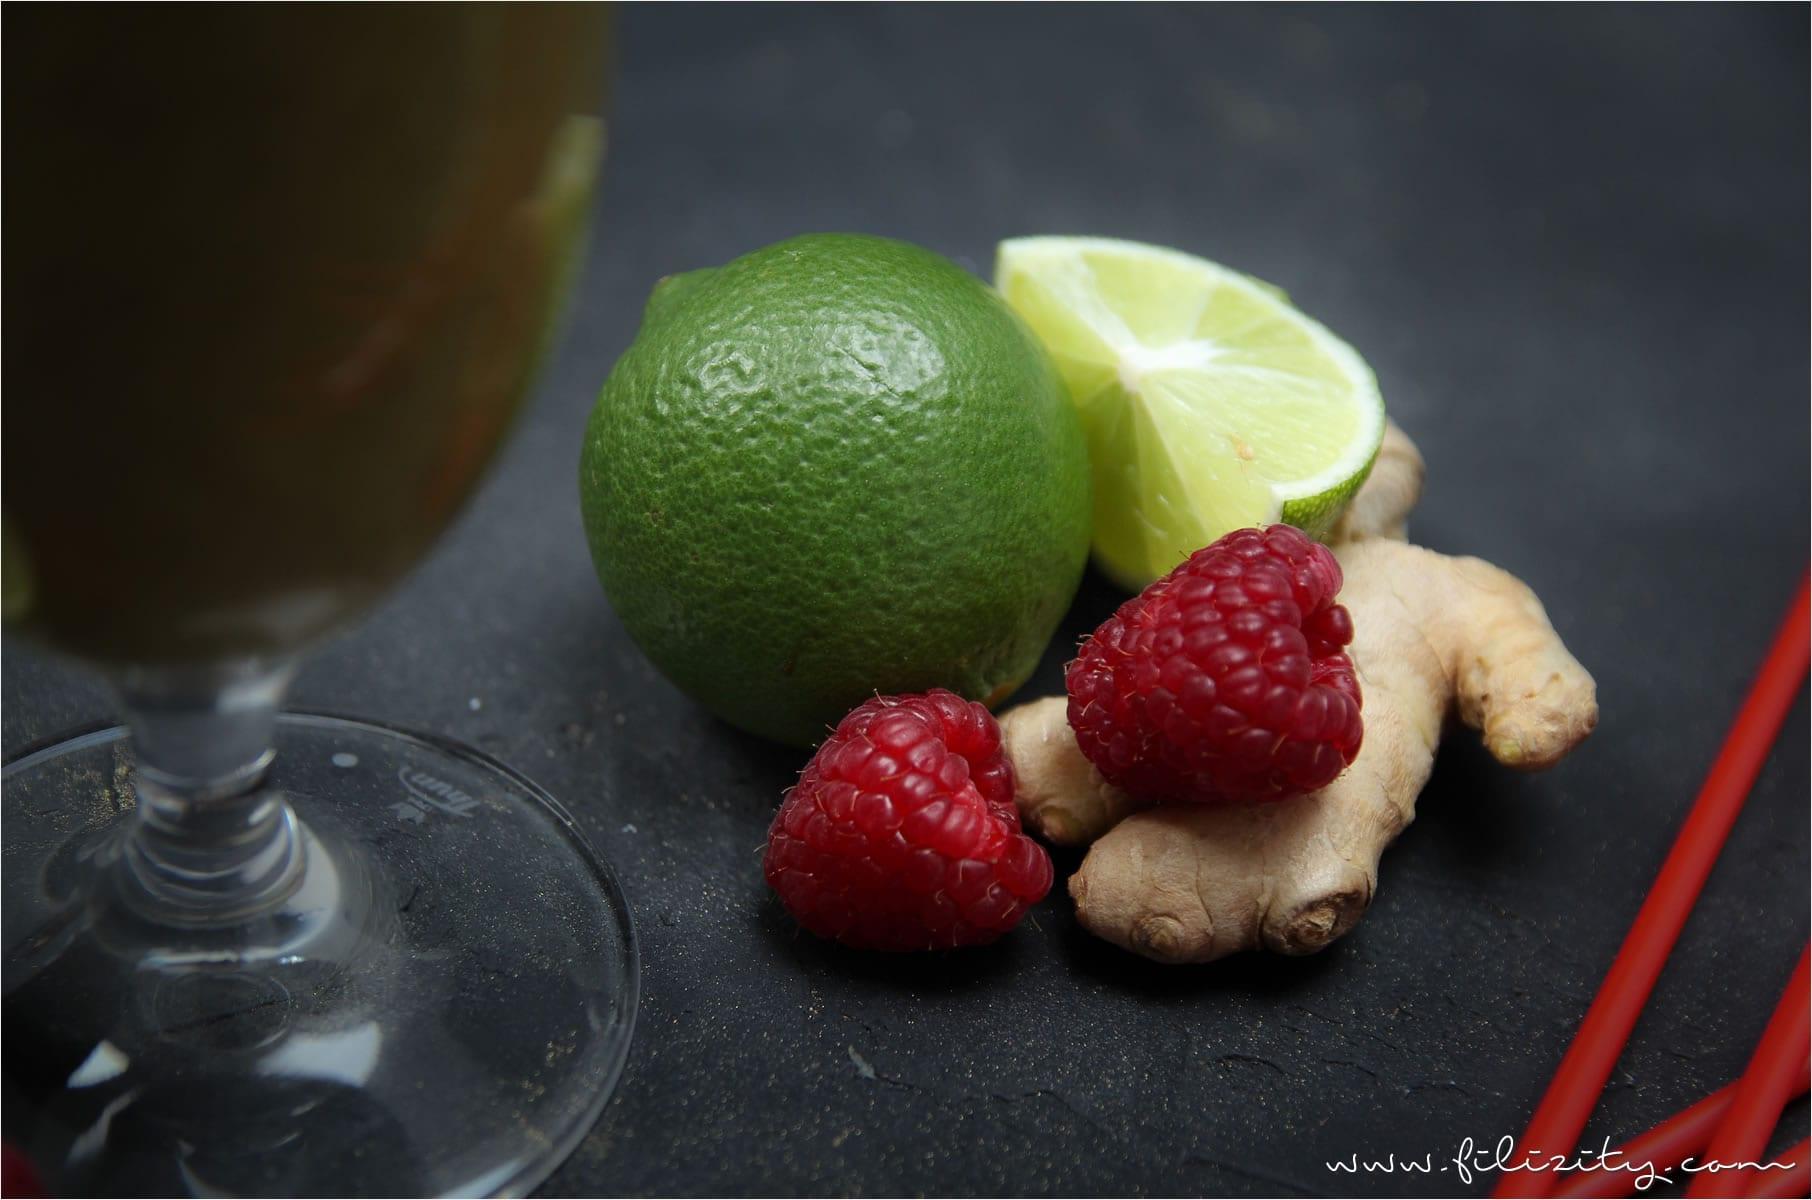 Kiwi-Ananas-Himbeer-Smoothie mit Ingwer – Booster für das Immunsystem